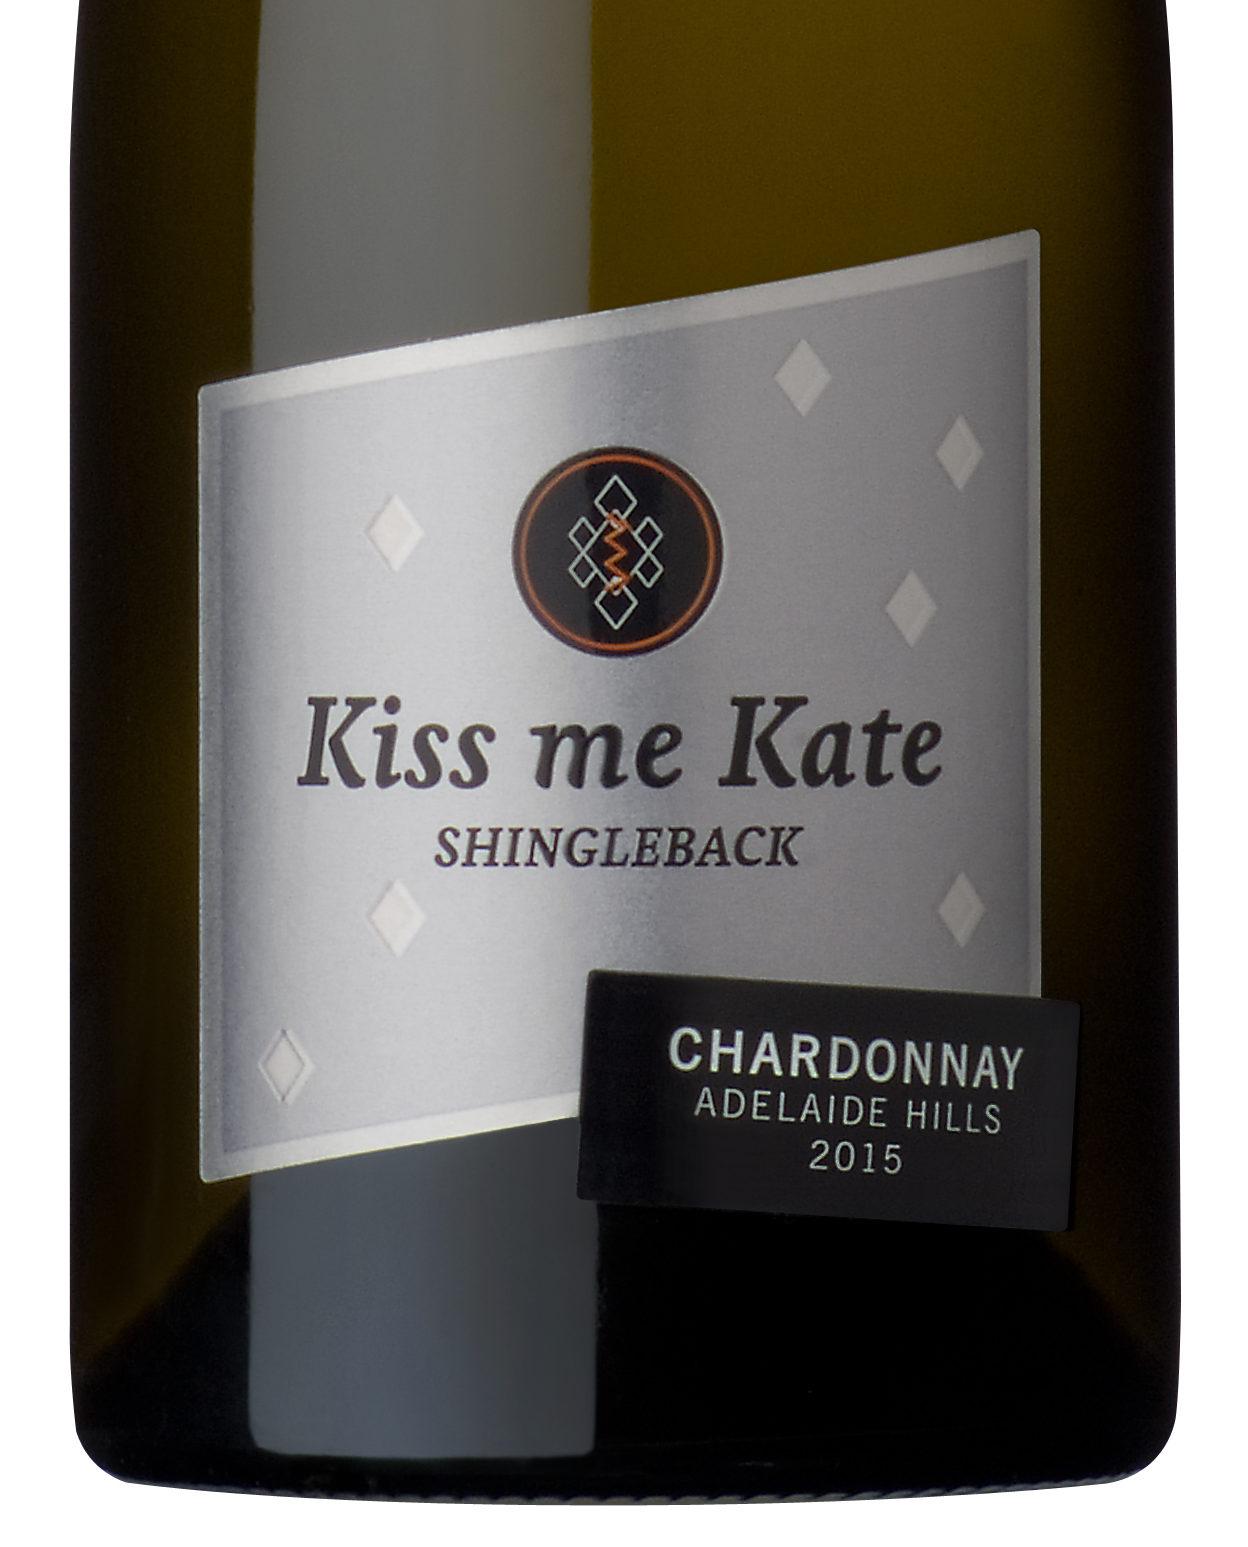 2015 Kiss me Kate